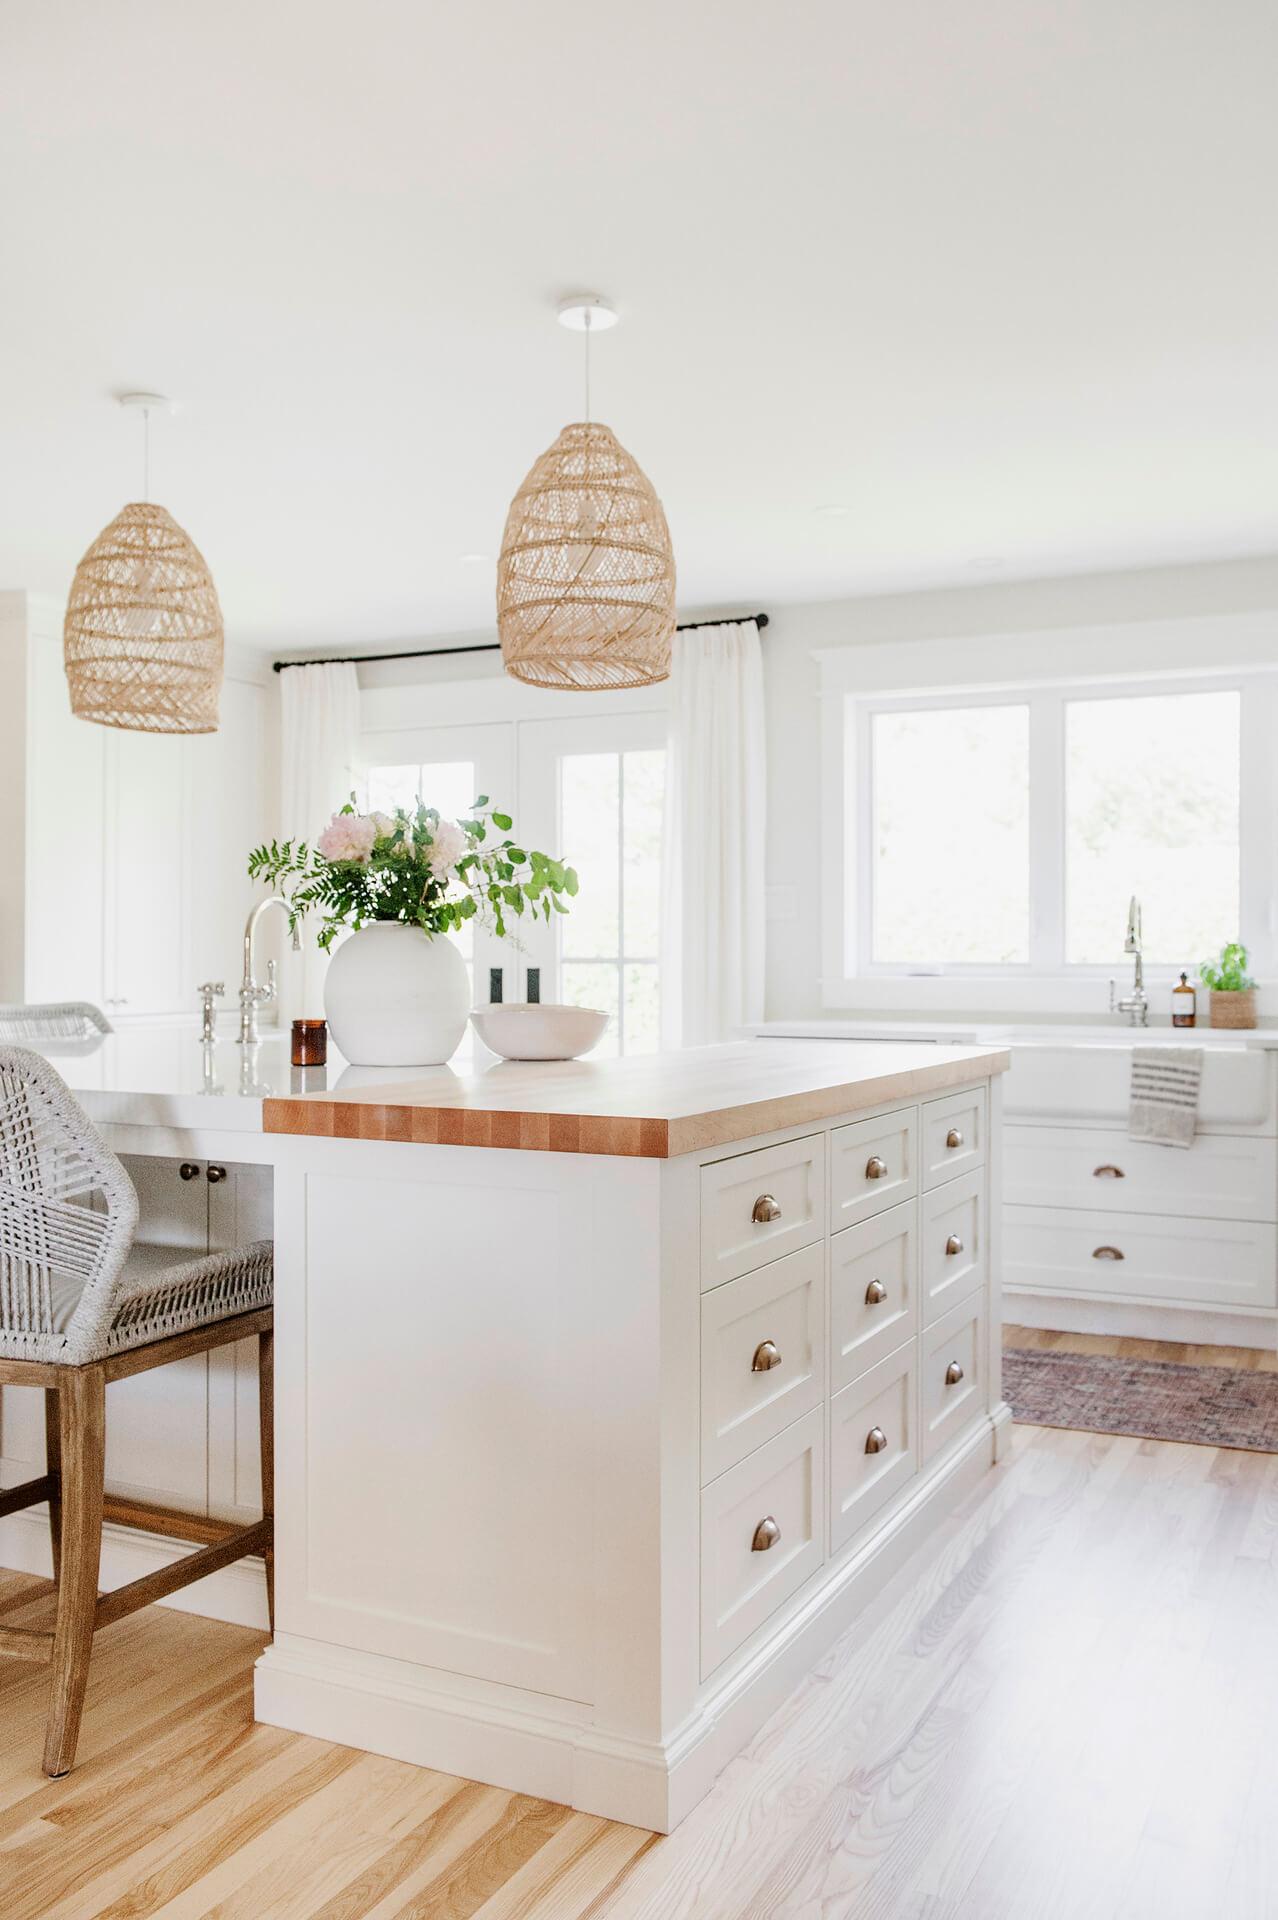 Frobisher AKB Design cuisine blanche farmhouse classique tablette bois luminaire osier ilot quarz 9